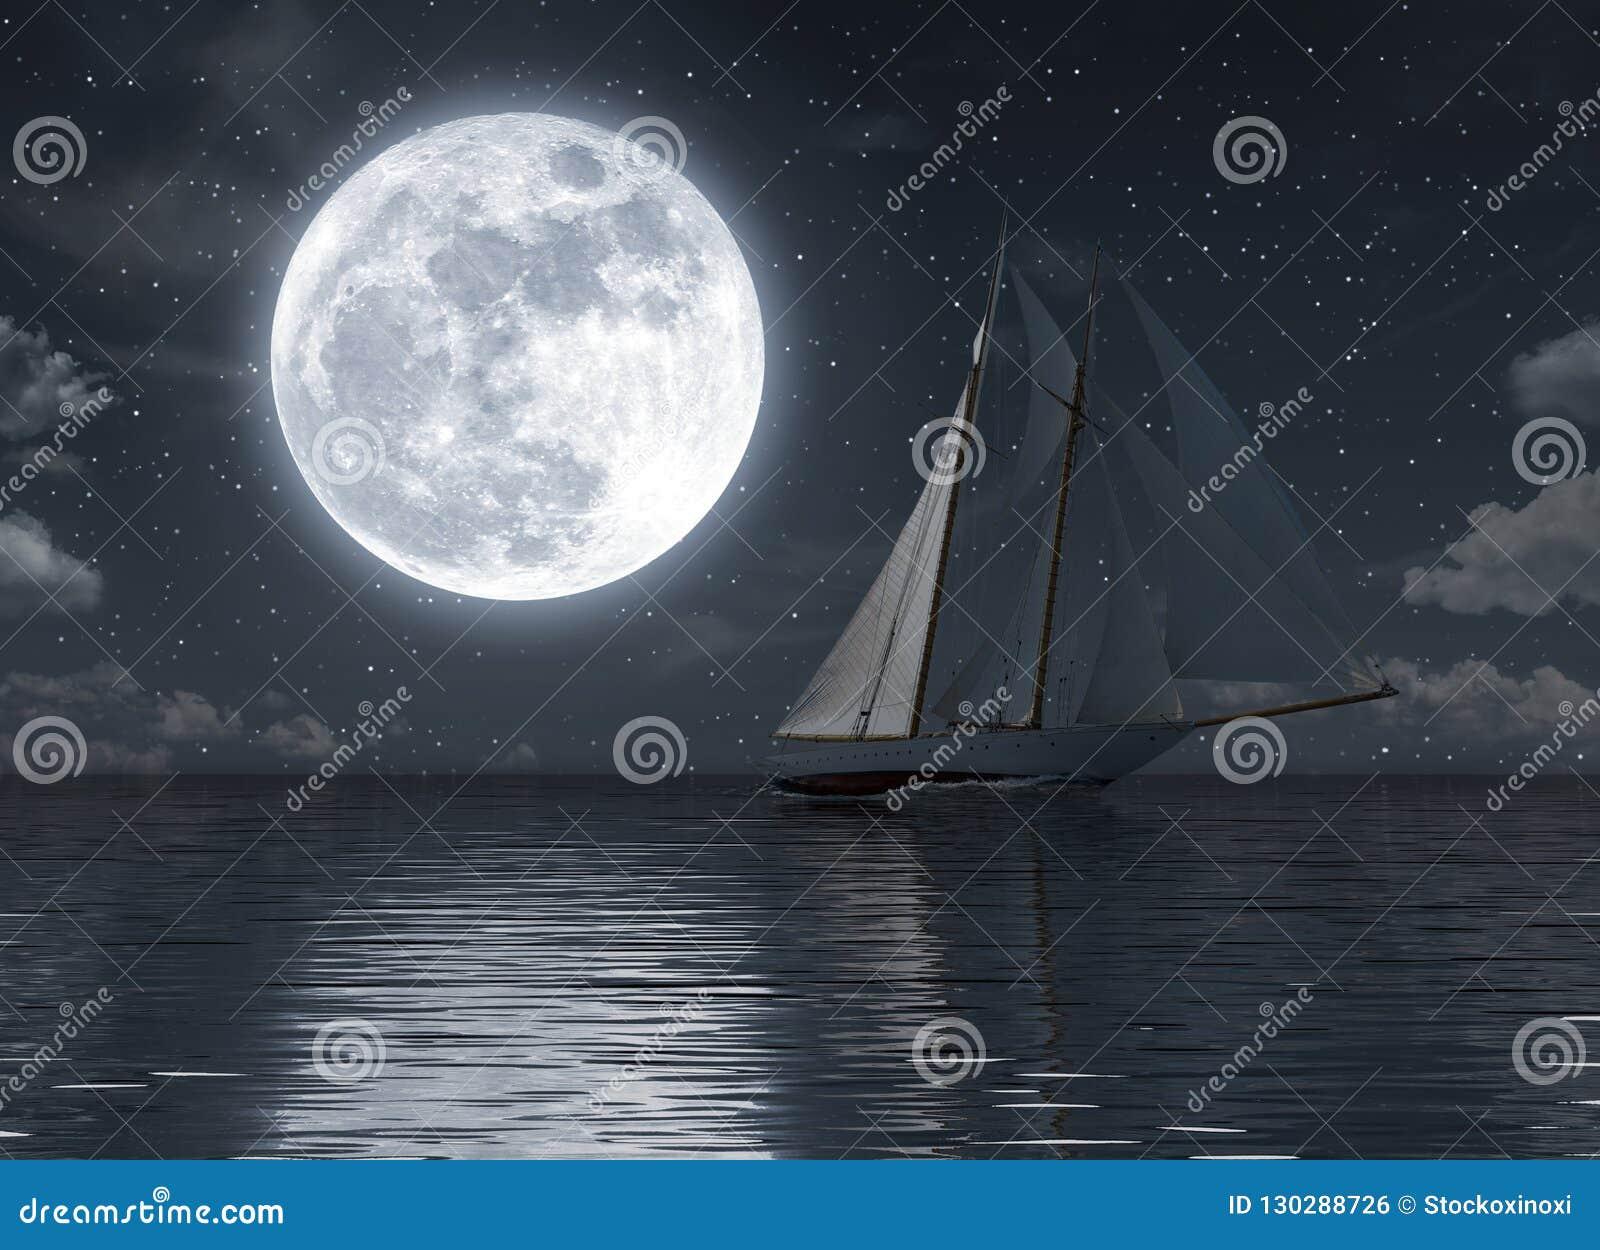 Żaglówka na morzu przy nocą z księżyc w pełni